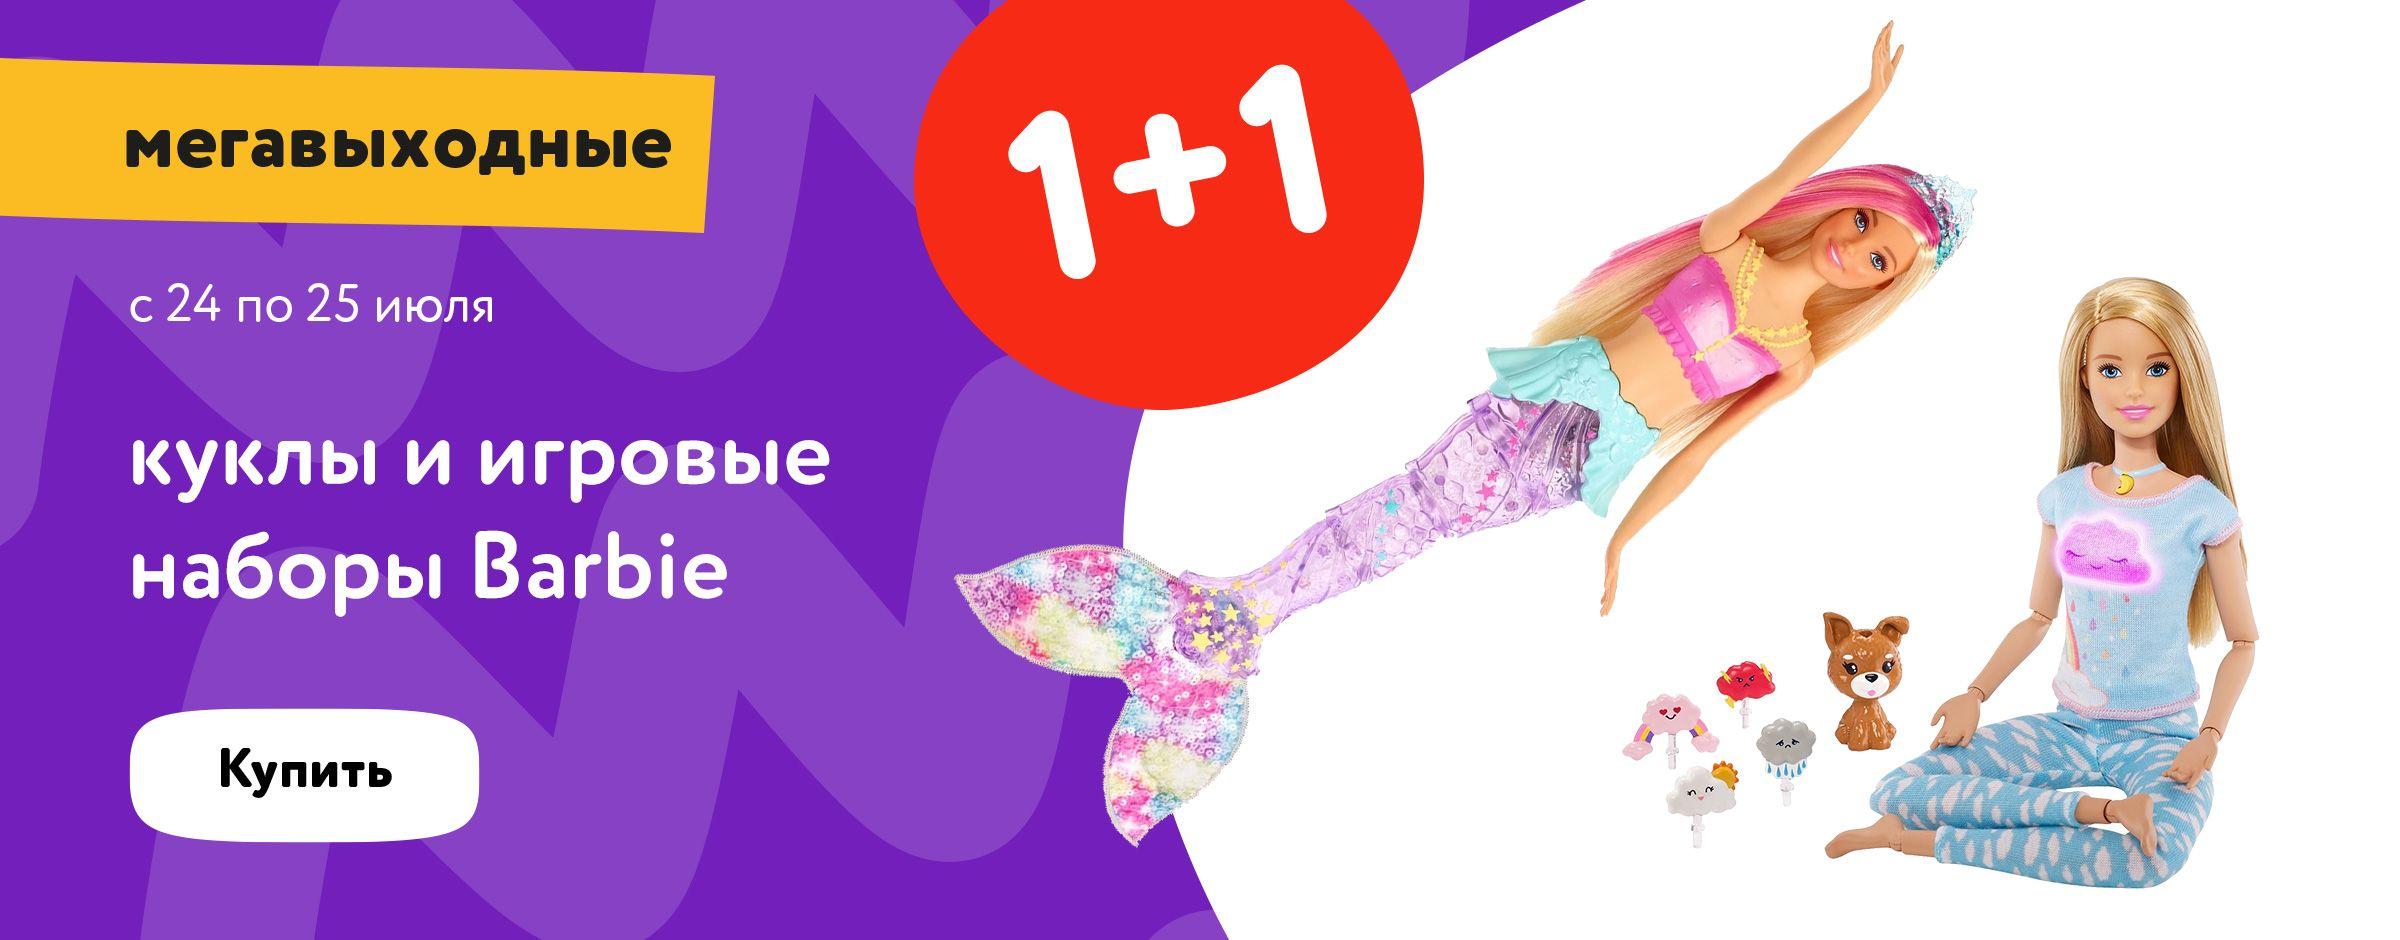 1+1 на куклы и игровые наборы Barbie статика